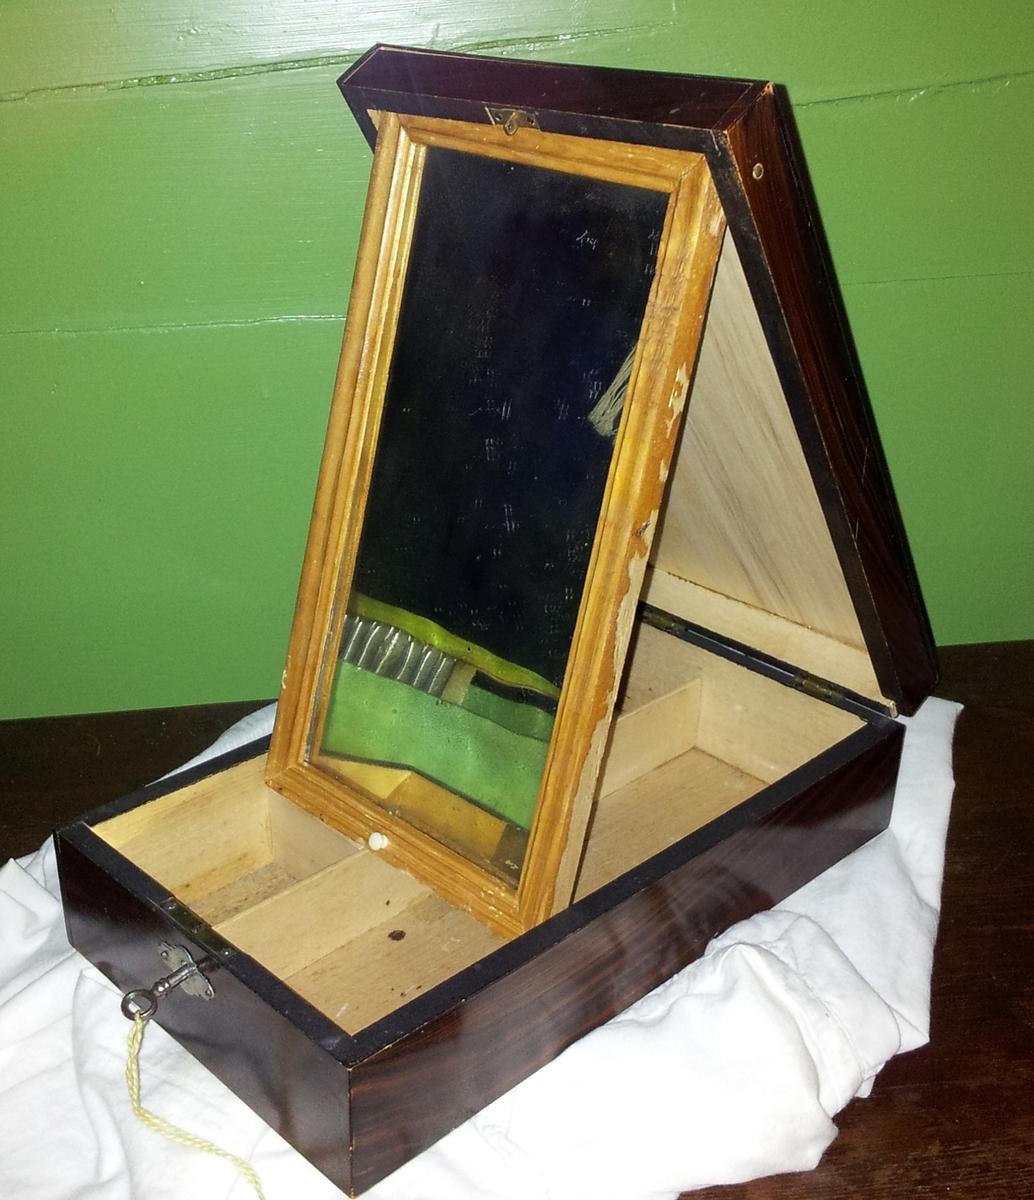 Form: Rektangulert skrin med spegel